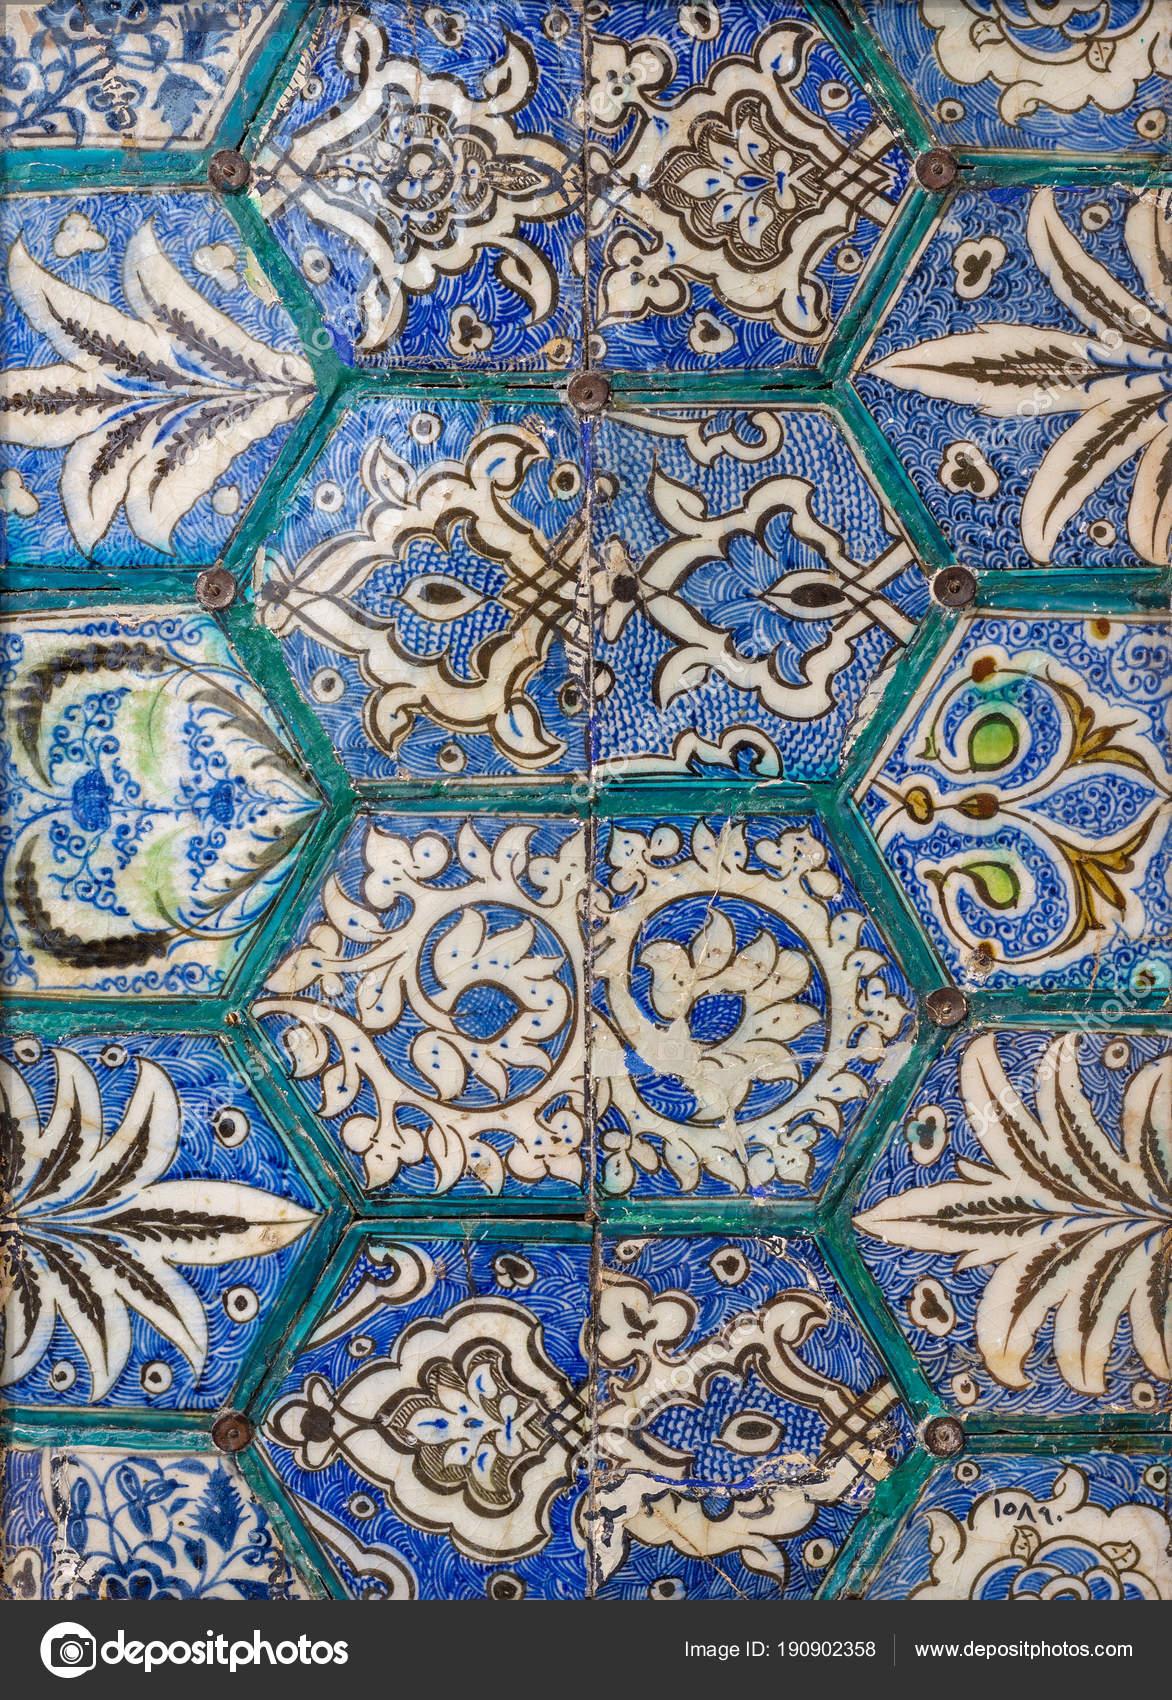 Piastrelle Di Ceramica Decorate.Stile Epoca Mamelucca Smaltato Piastrelle Ceramica Decorate